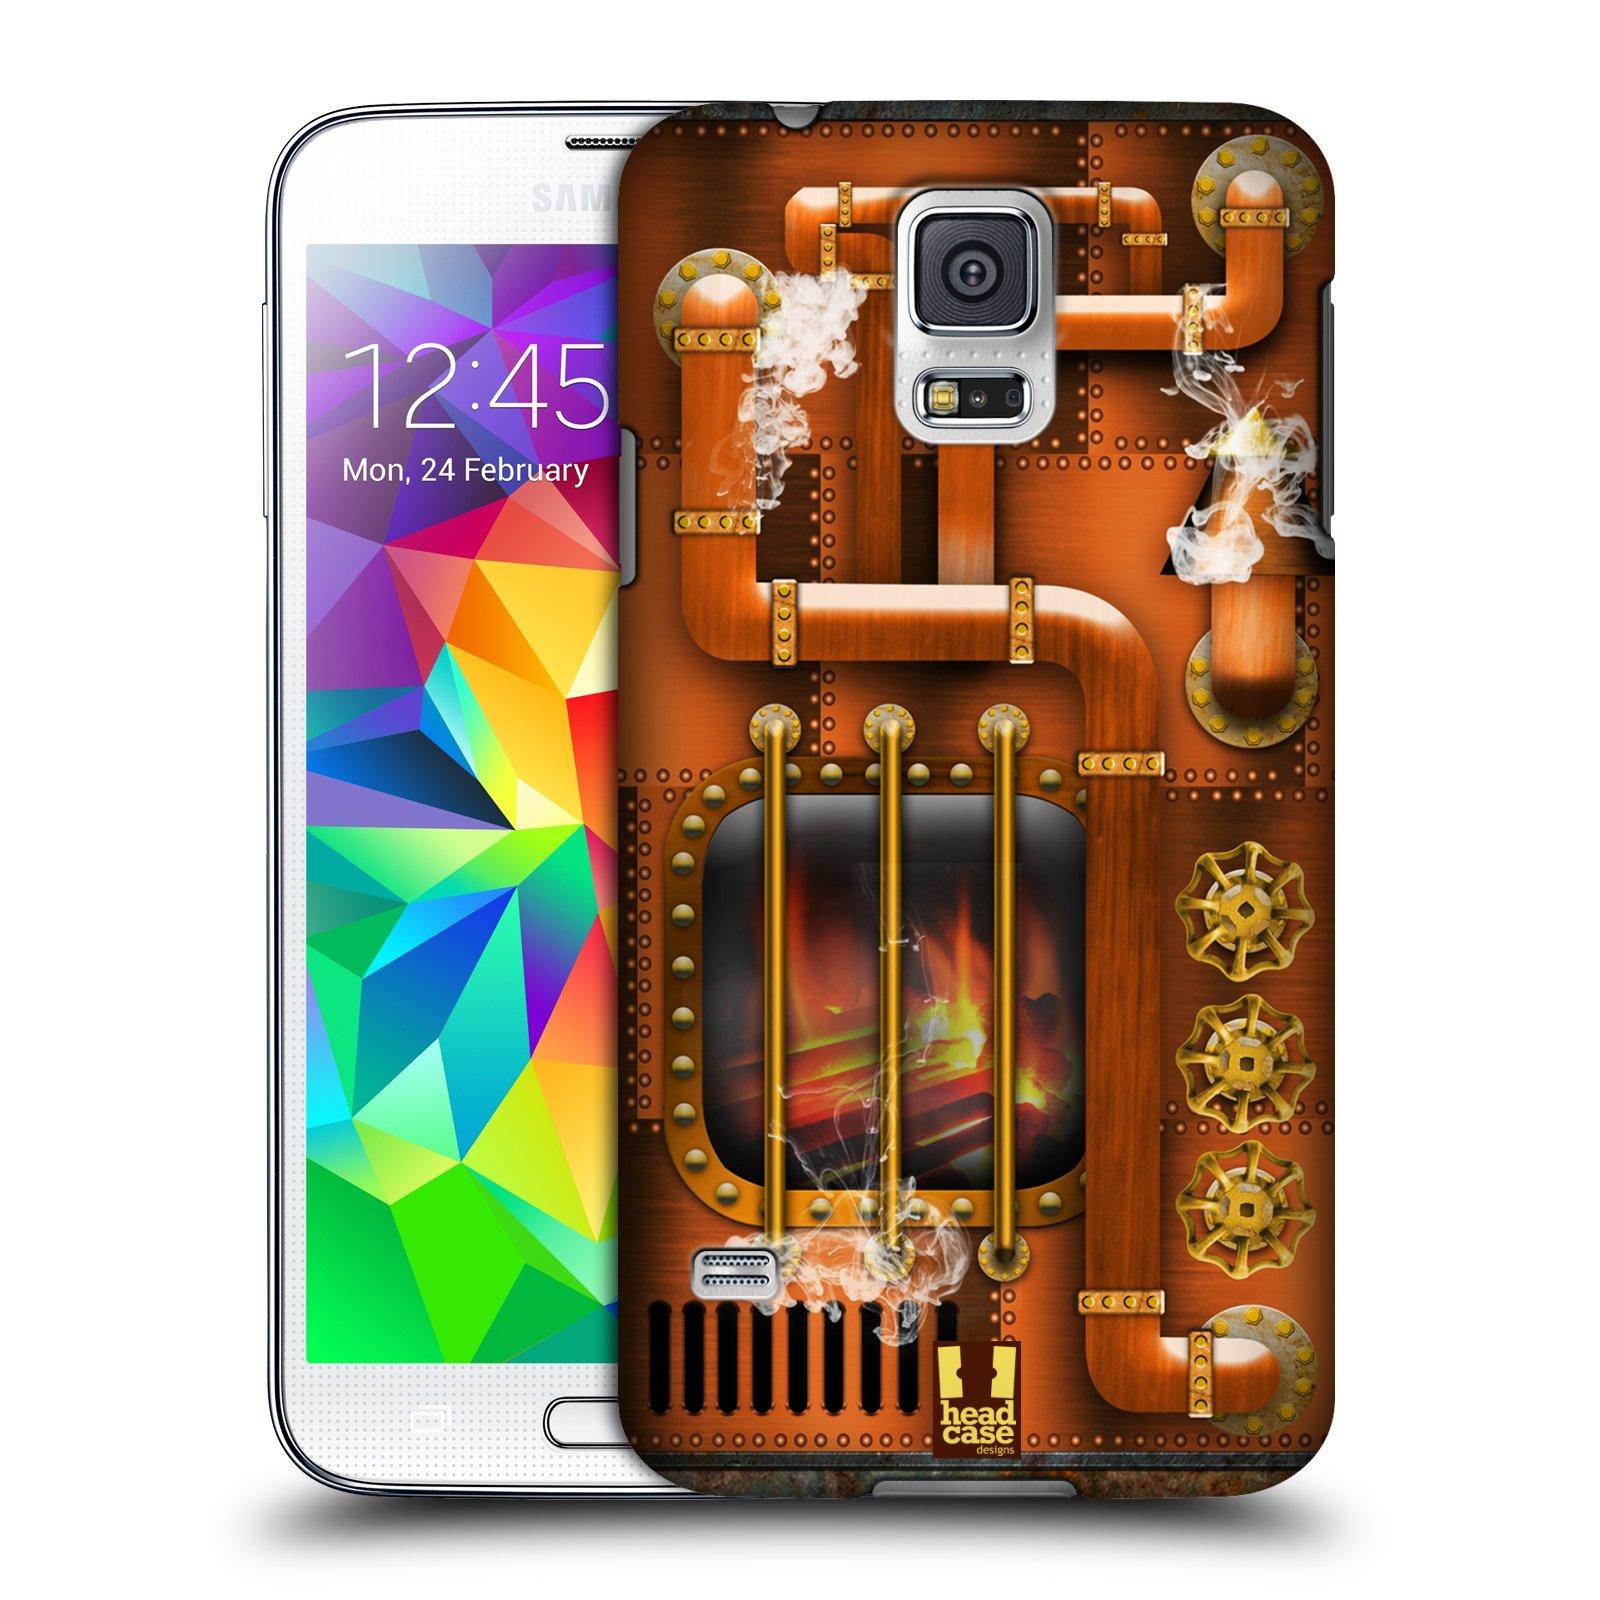 Plastové pouzdro na mobil Samsung Galaxy S5 Neo HEAD CASE STEAMPUNK PARNÍK